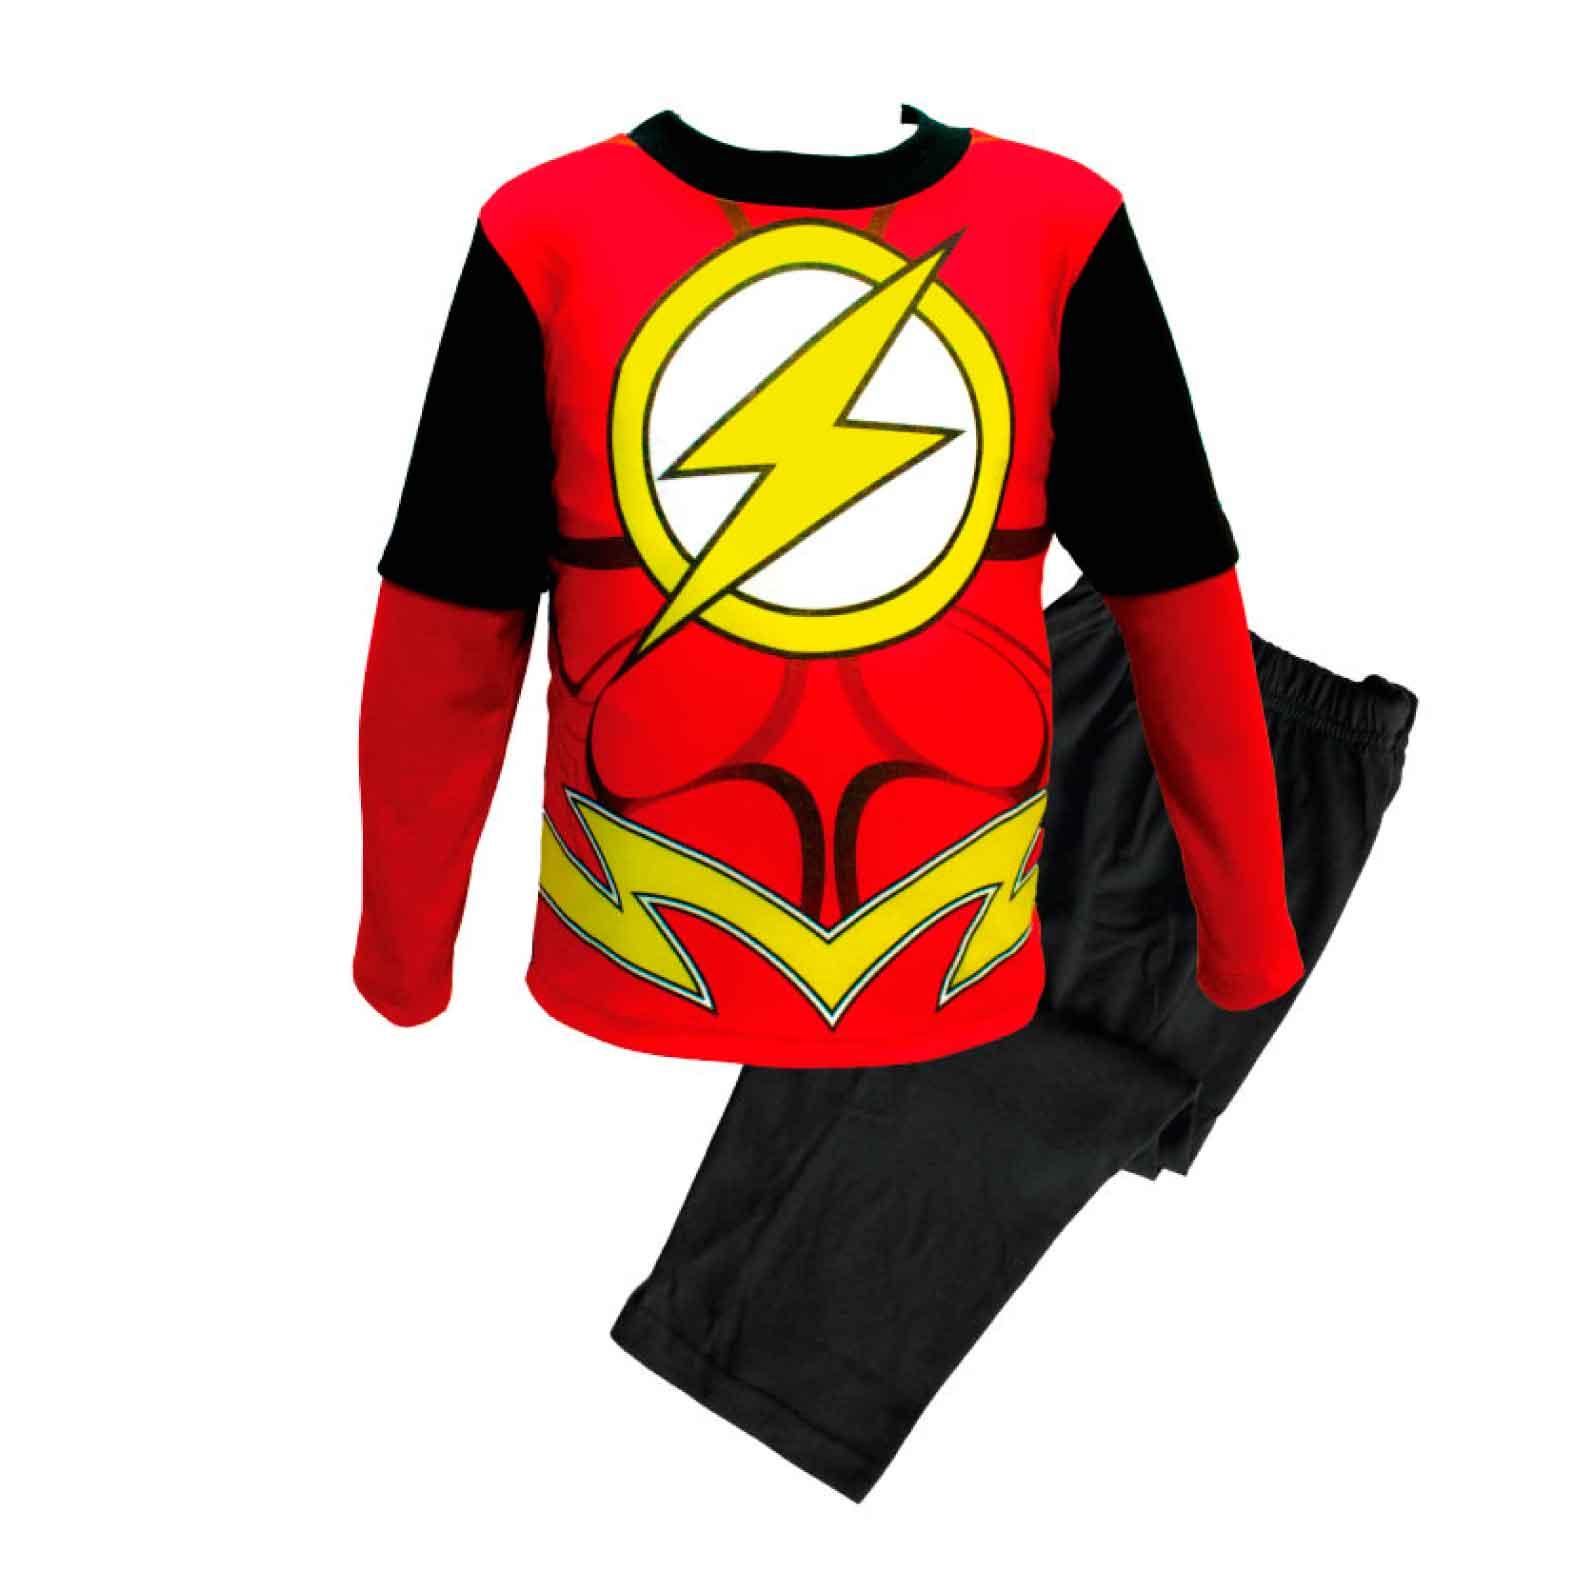 e4106de1b4 Pijama de Flash – Enanitos